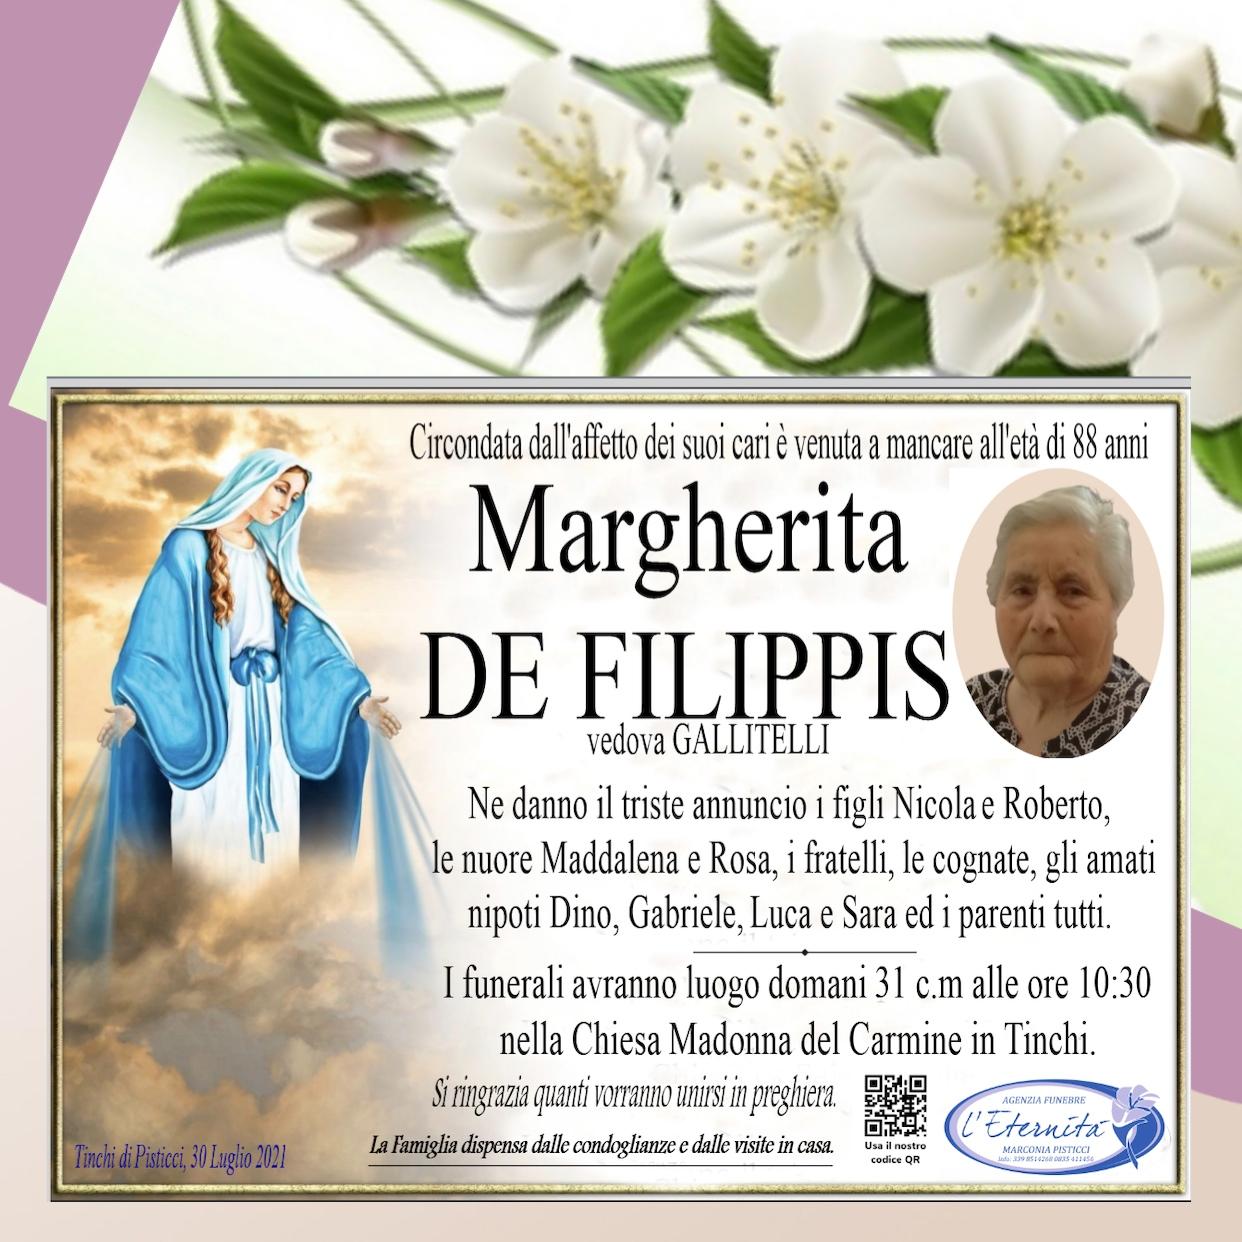 Margherita DE FILIPPIS